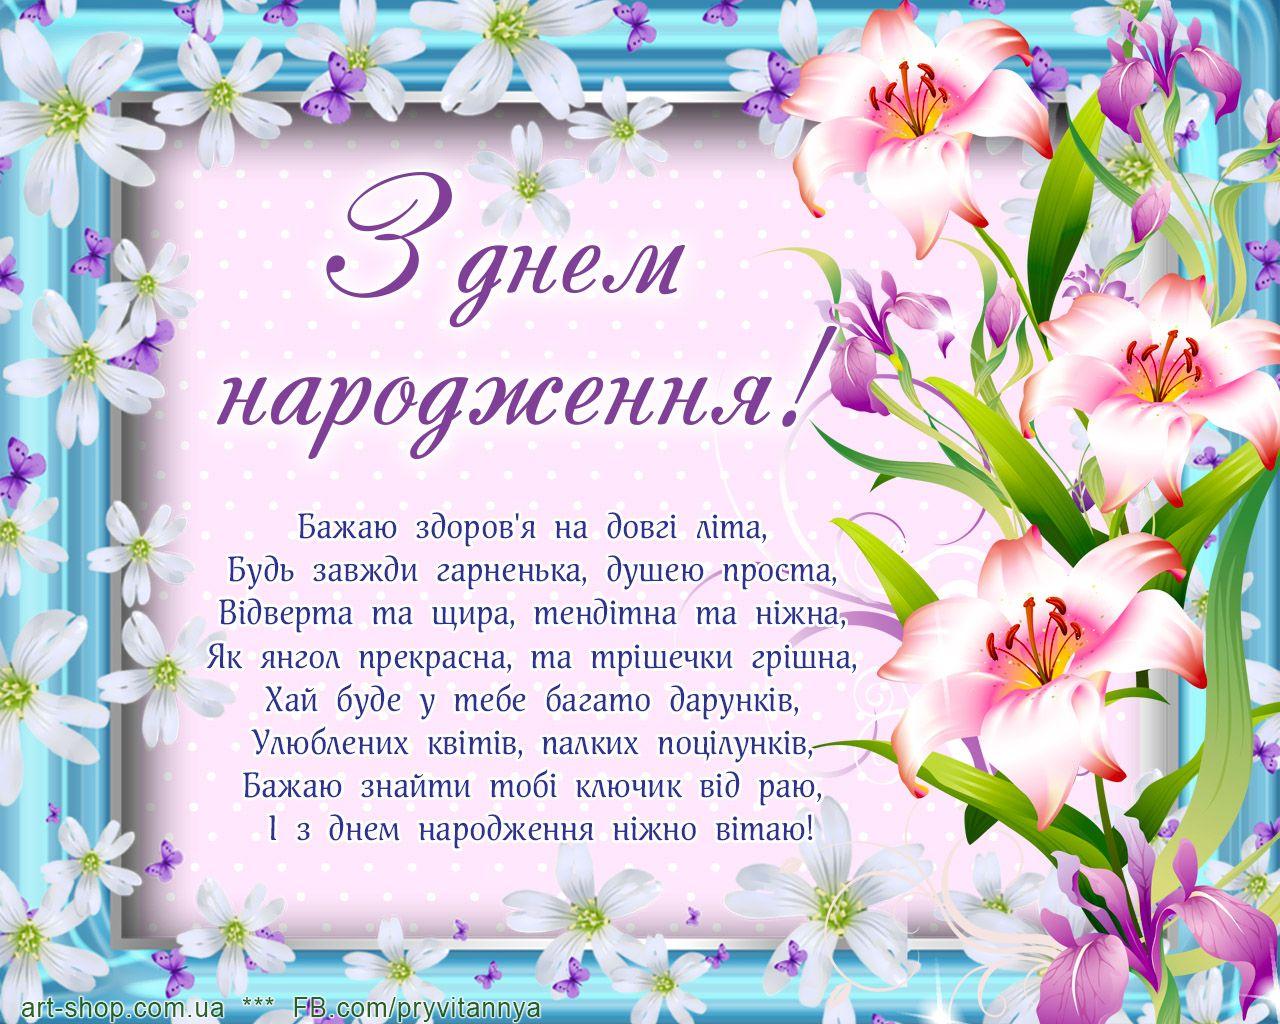 Поздравления для ребенка в день рождения на украинском